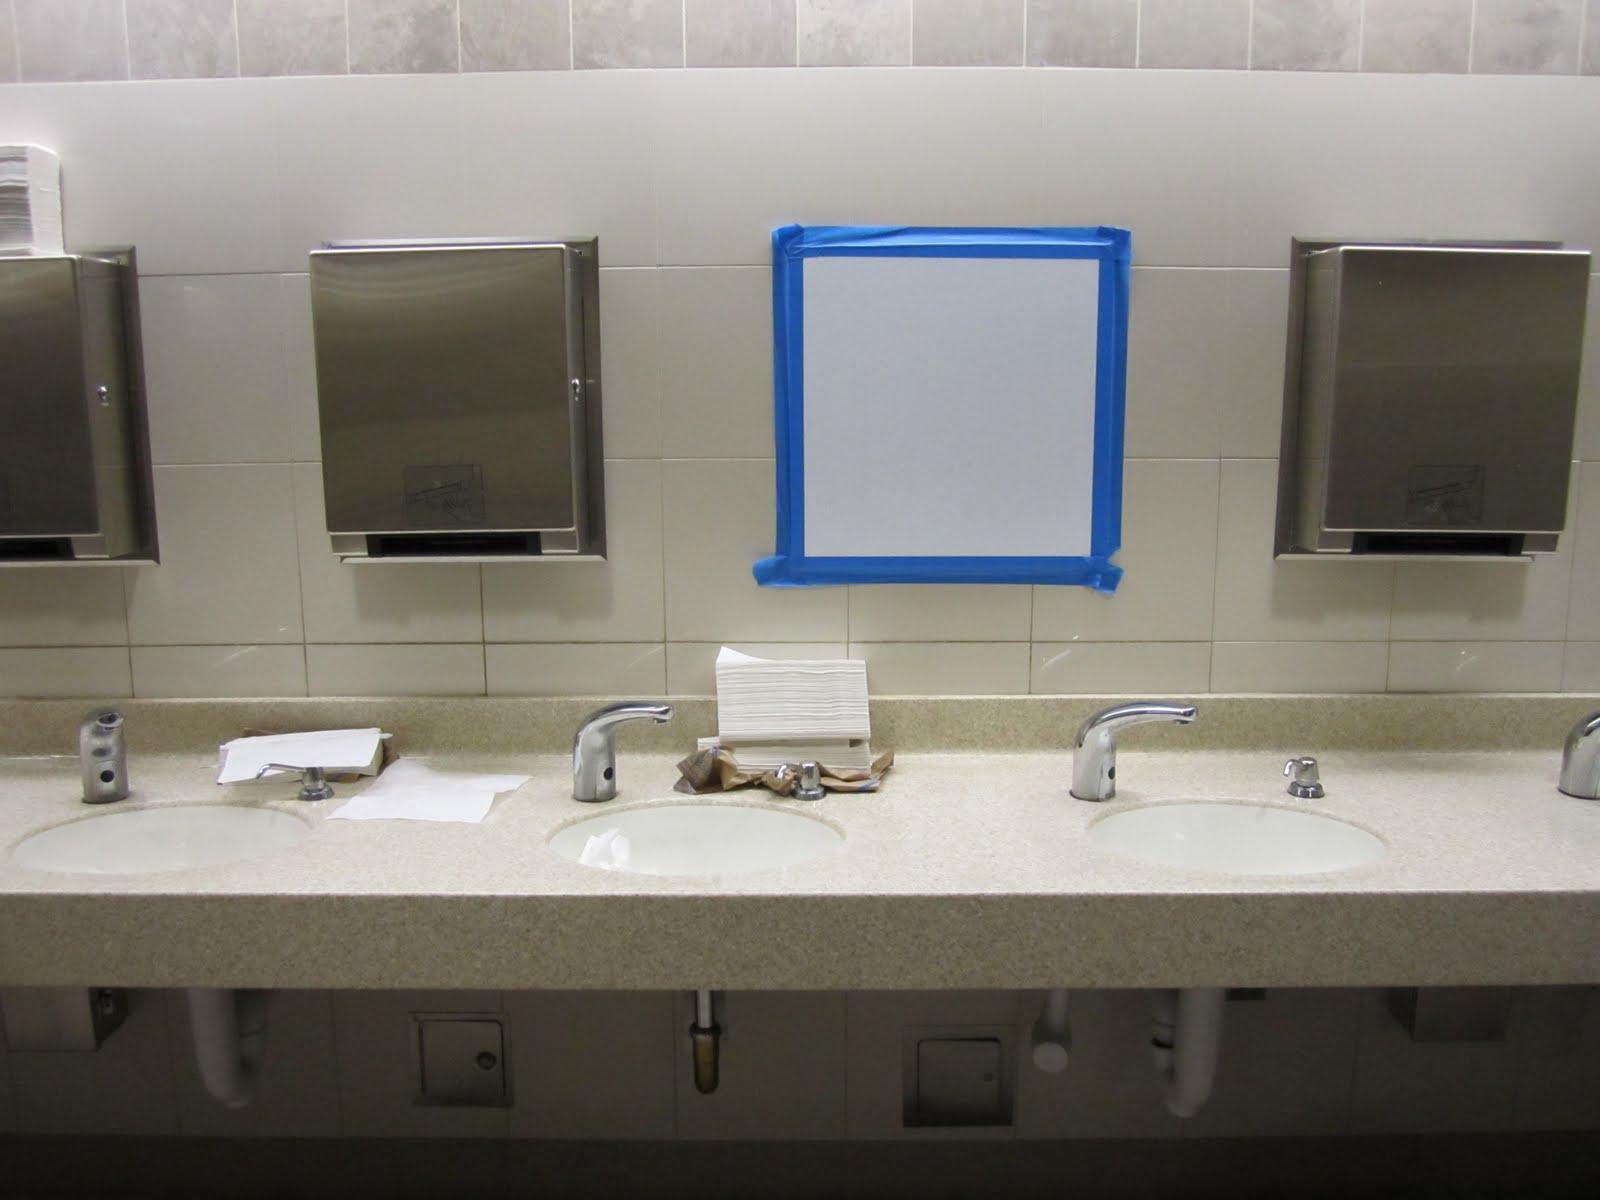 bathroom mirror reflection. Bathroom Mirror Reflection